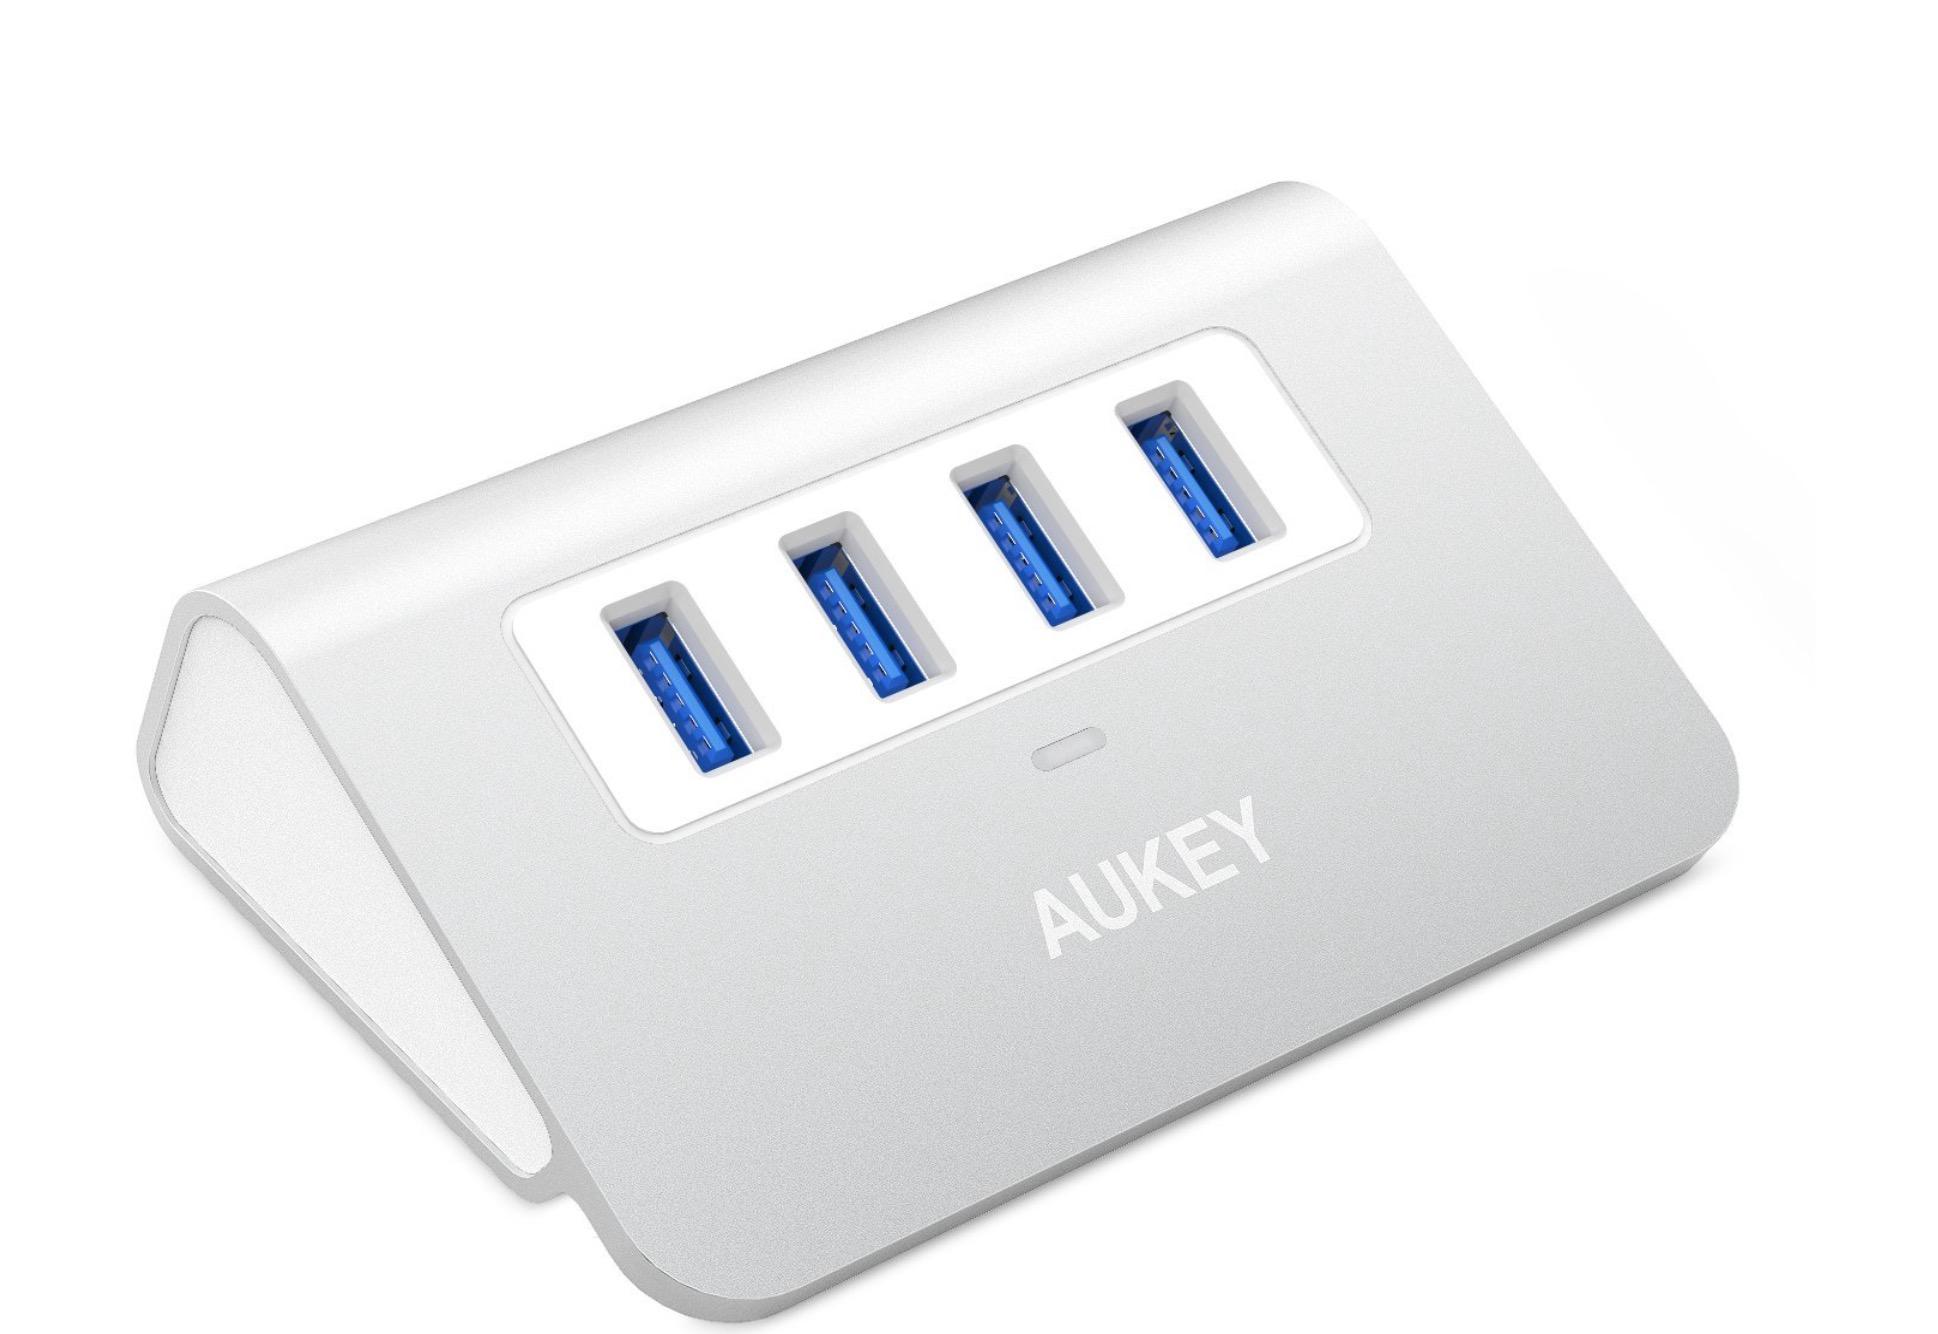 AUKEY HUB USB